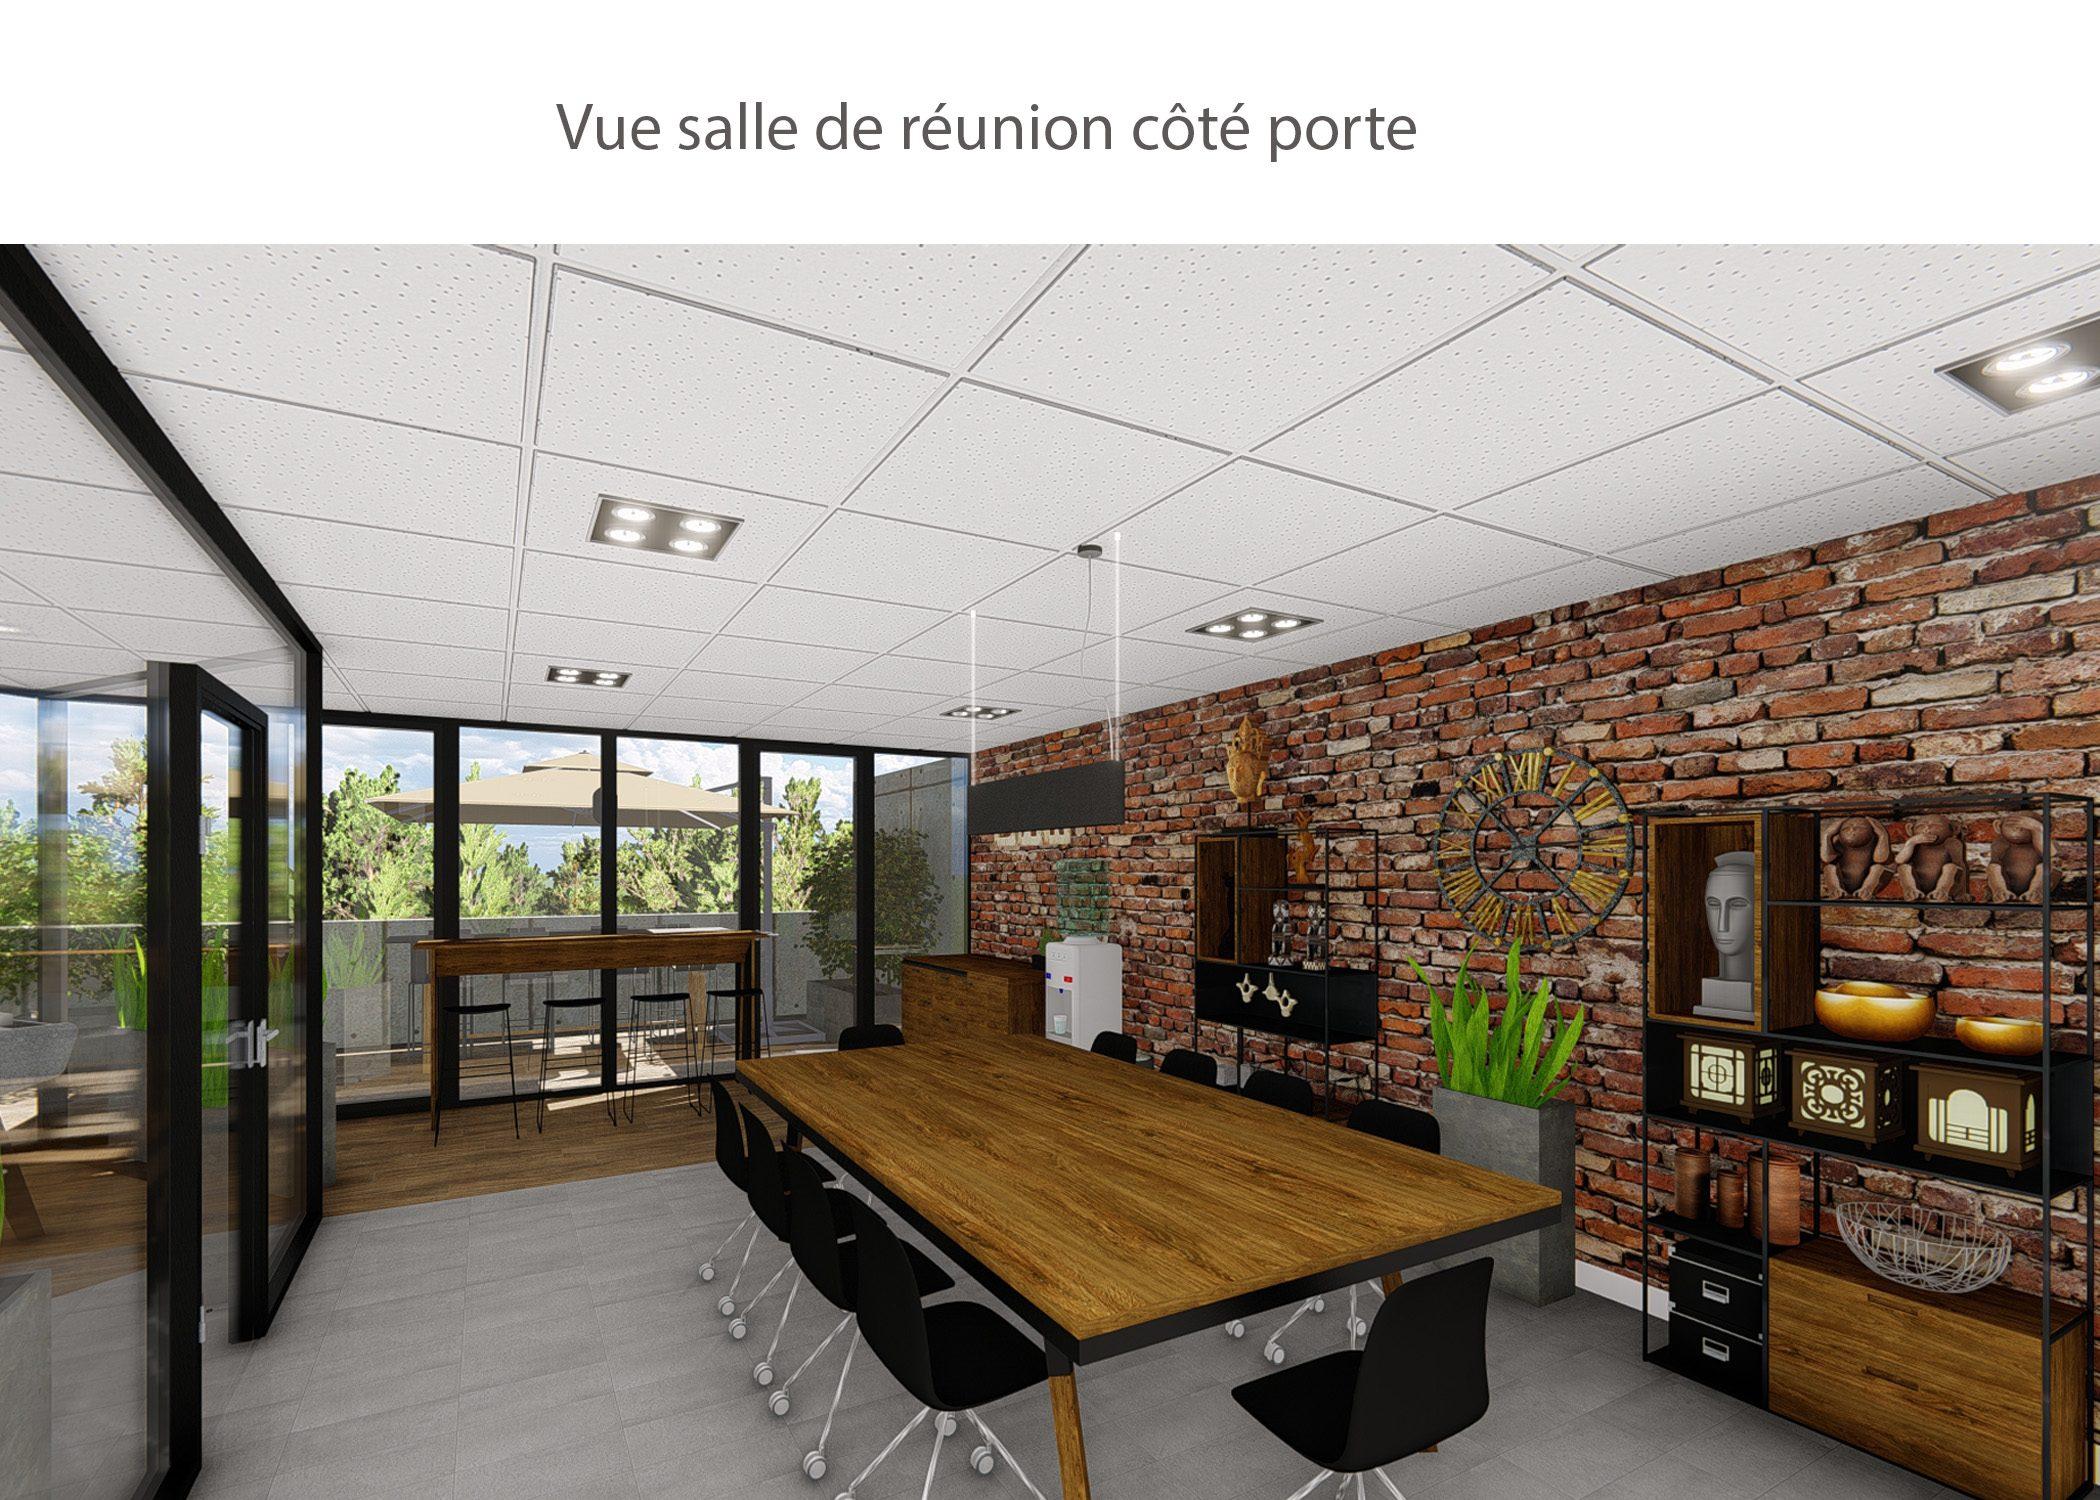 amenagement-decoration-start-up vente en ligne-region parisienne-salle de reunion cote porte-dekho design